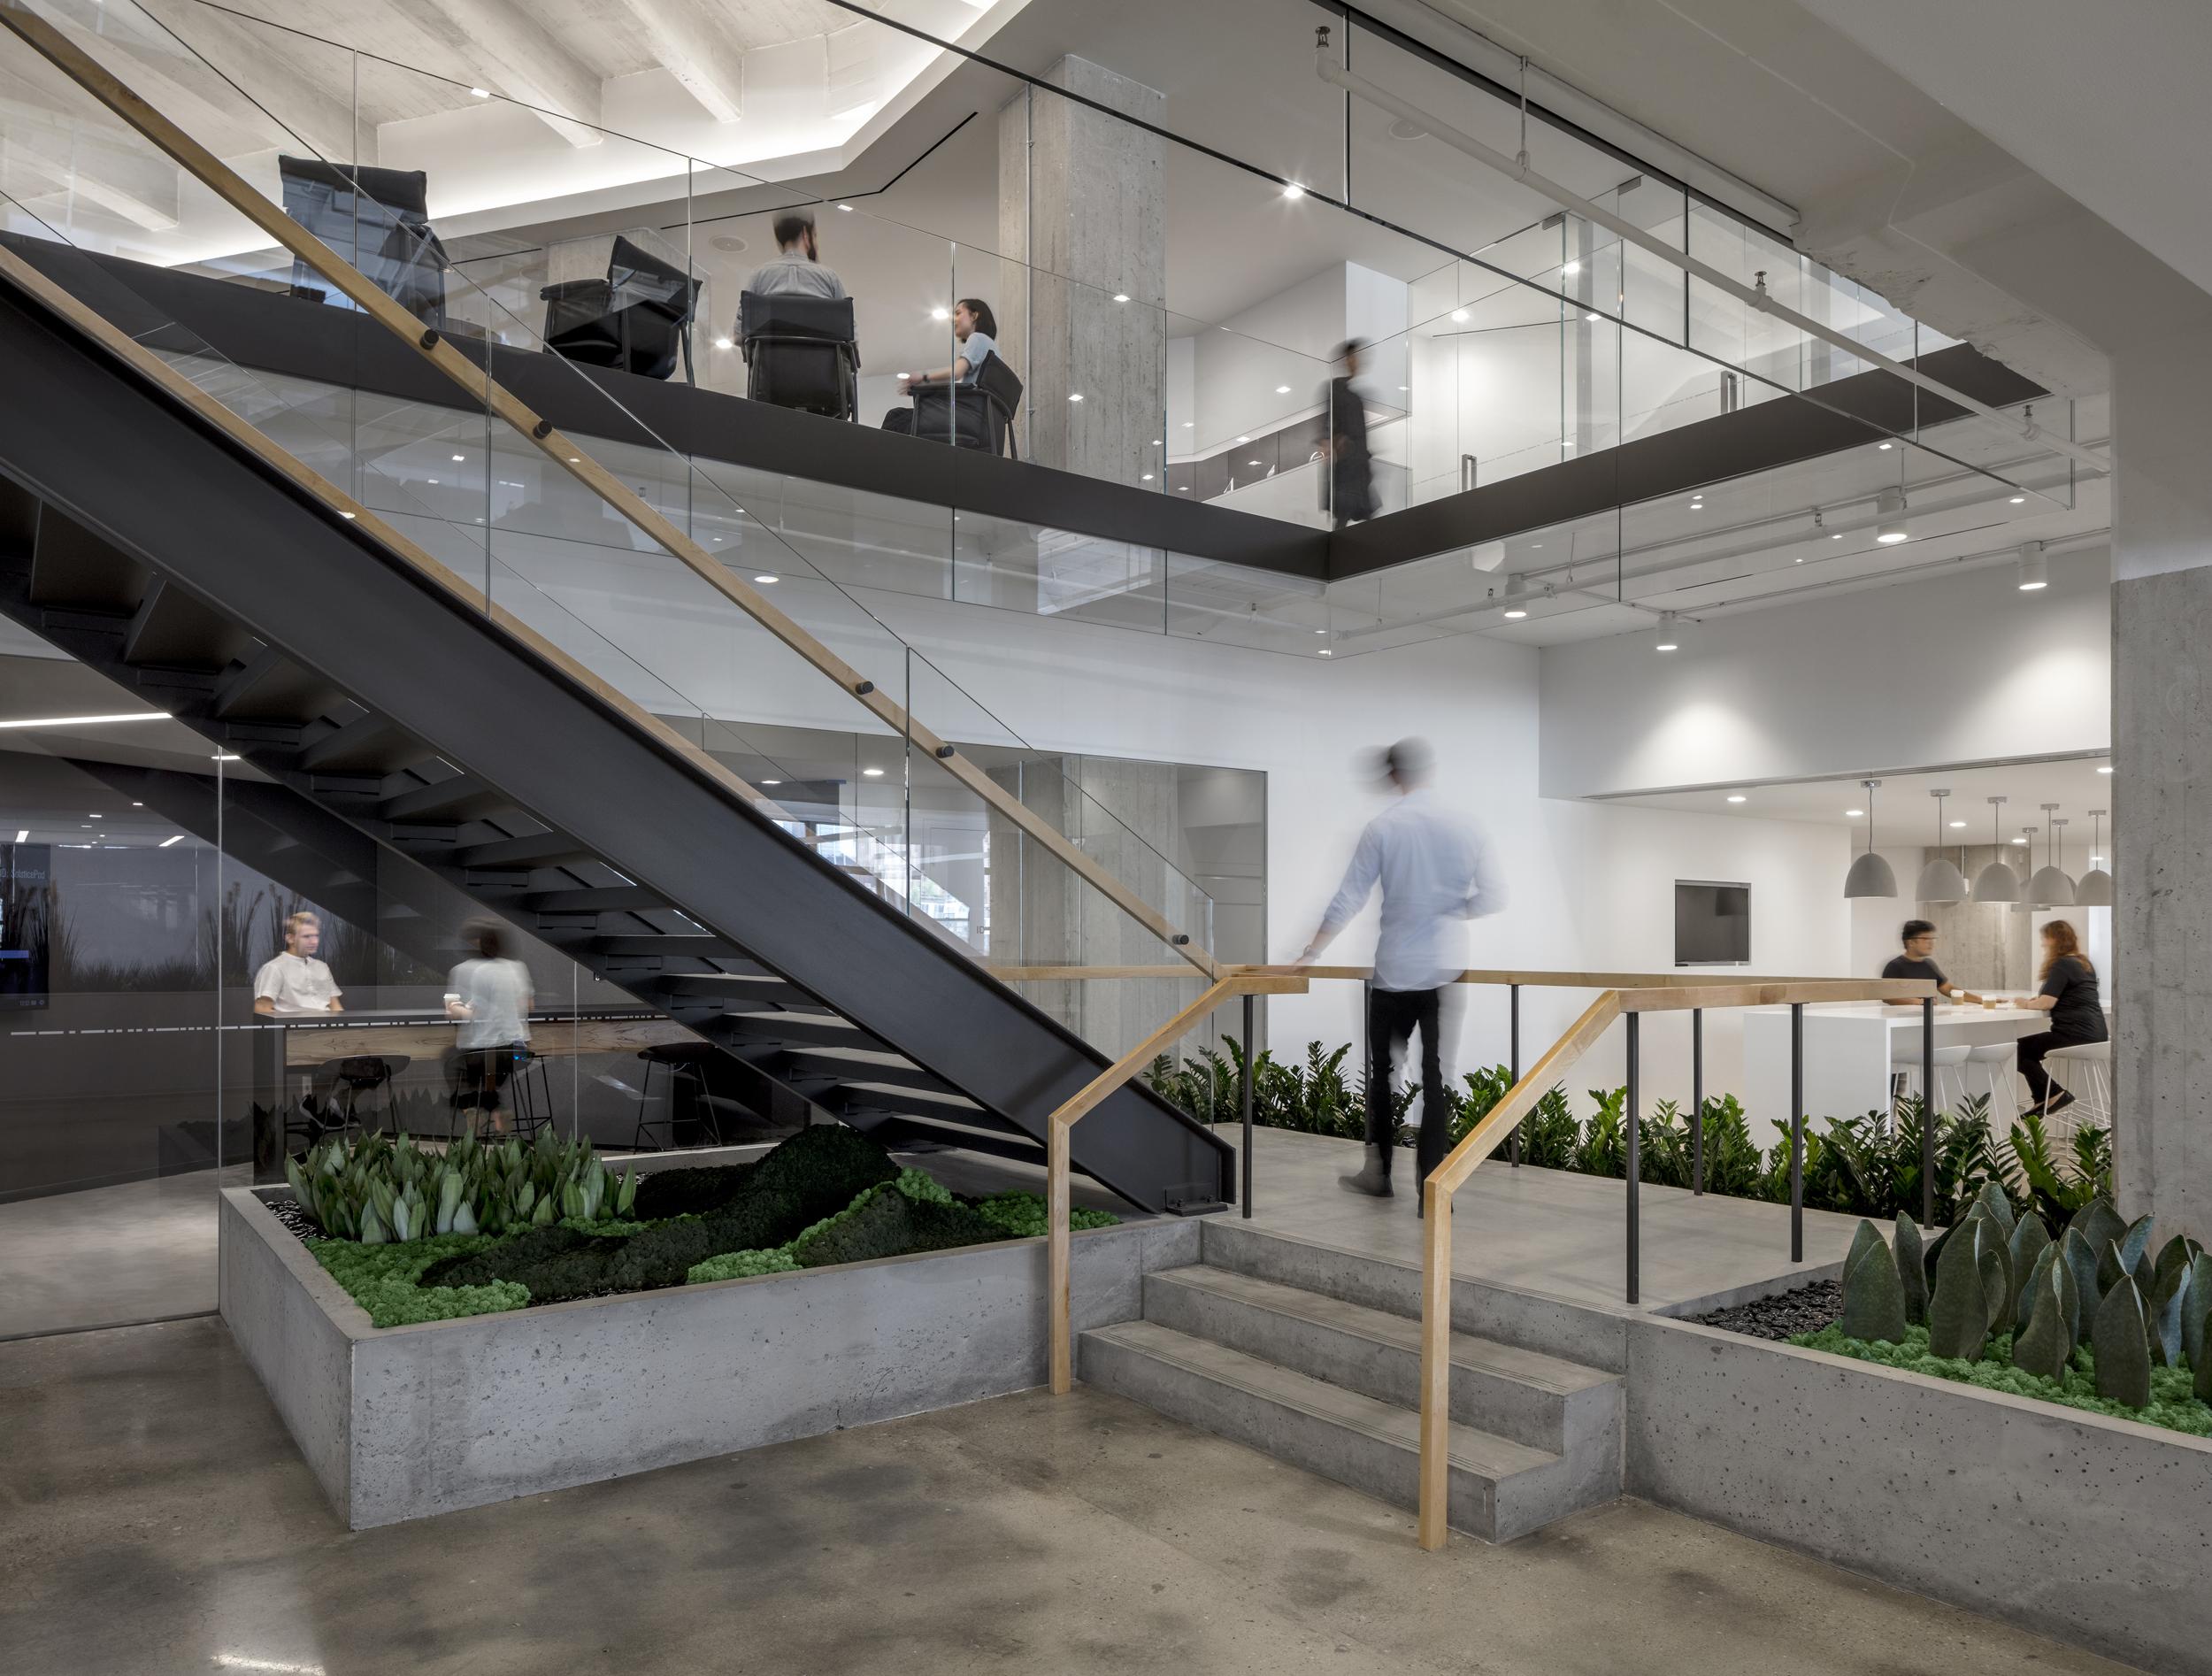 Horizon Media, New York, NY   Architecture + Information